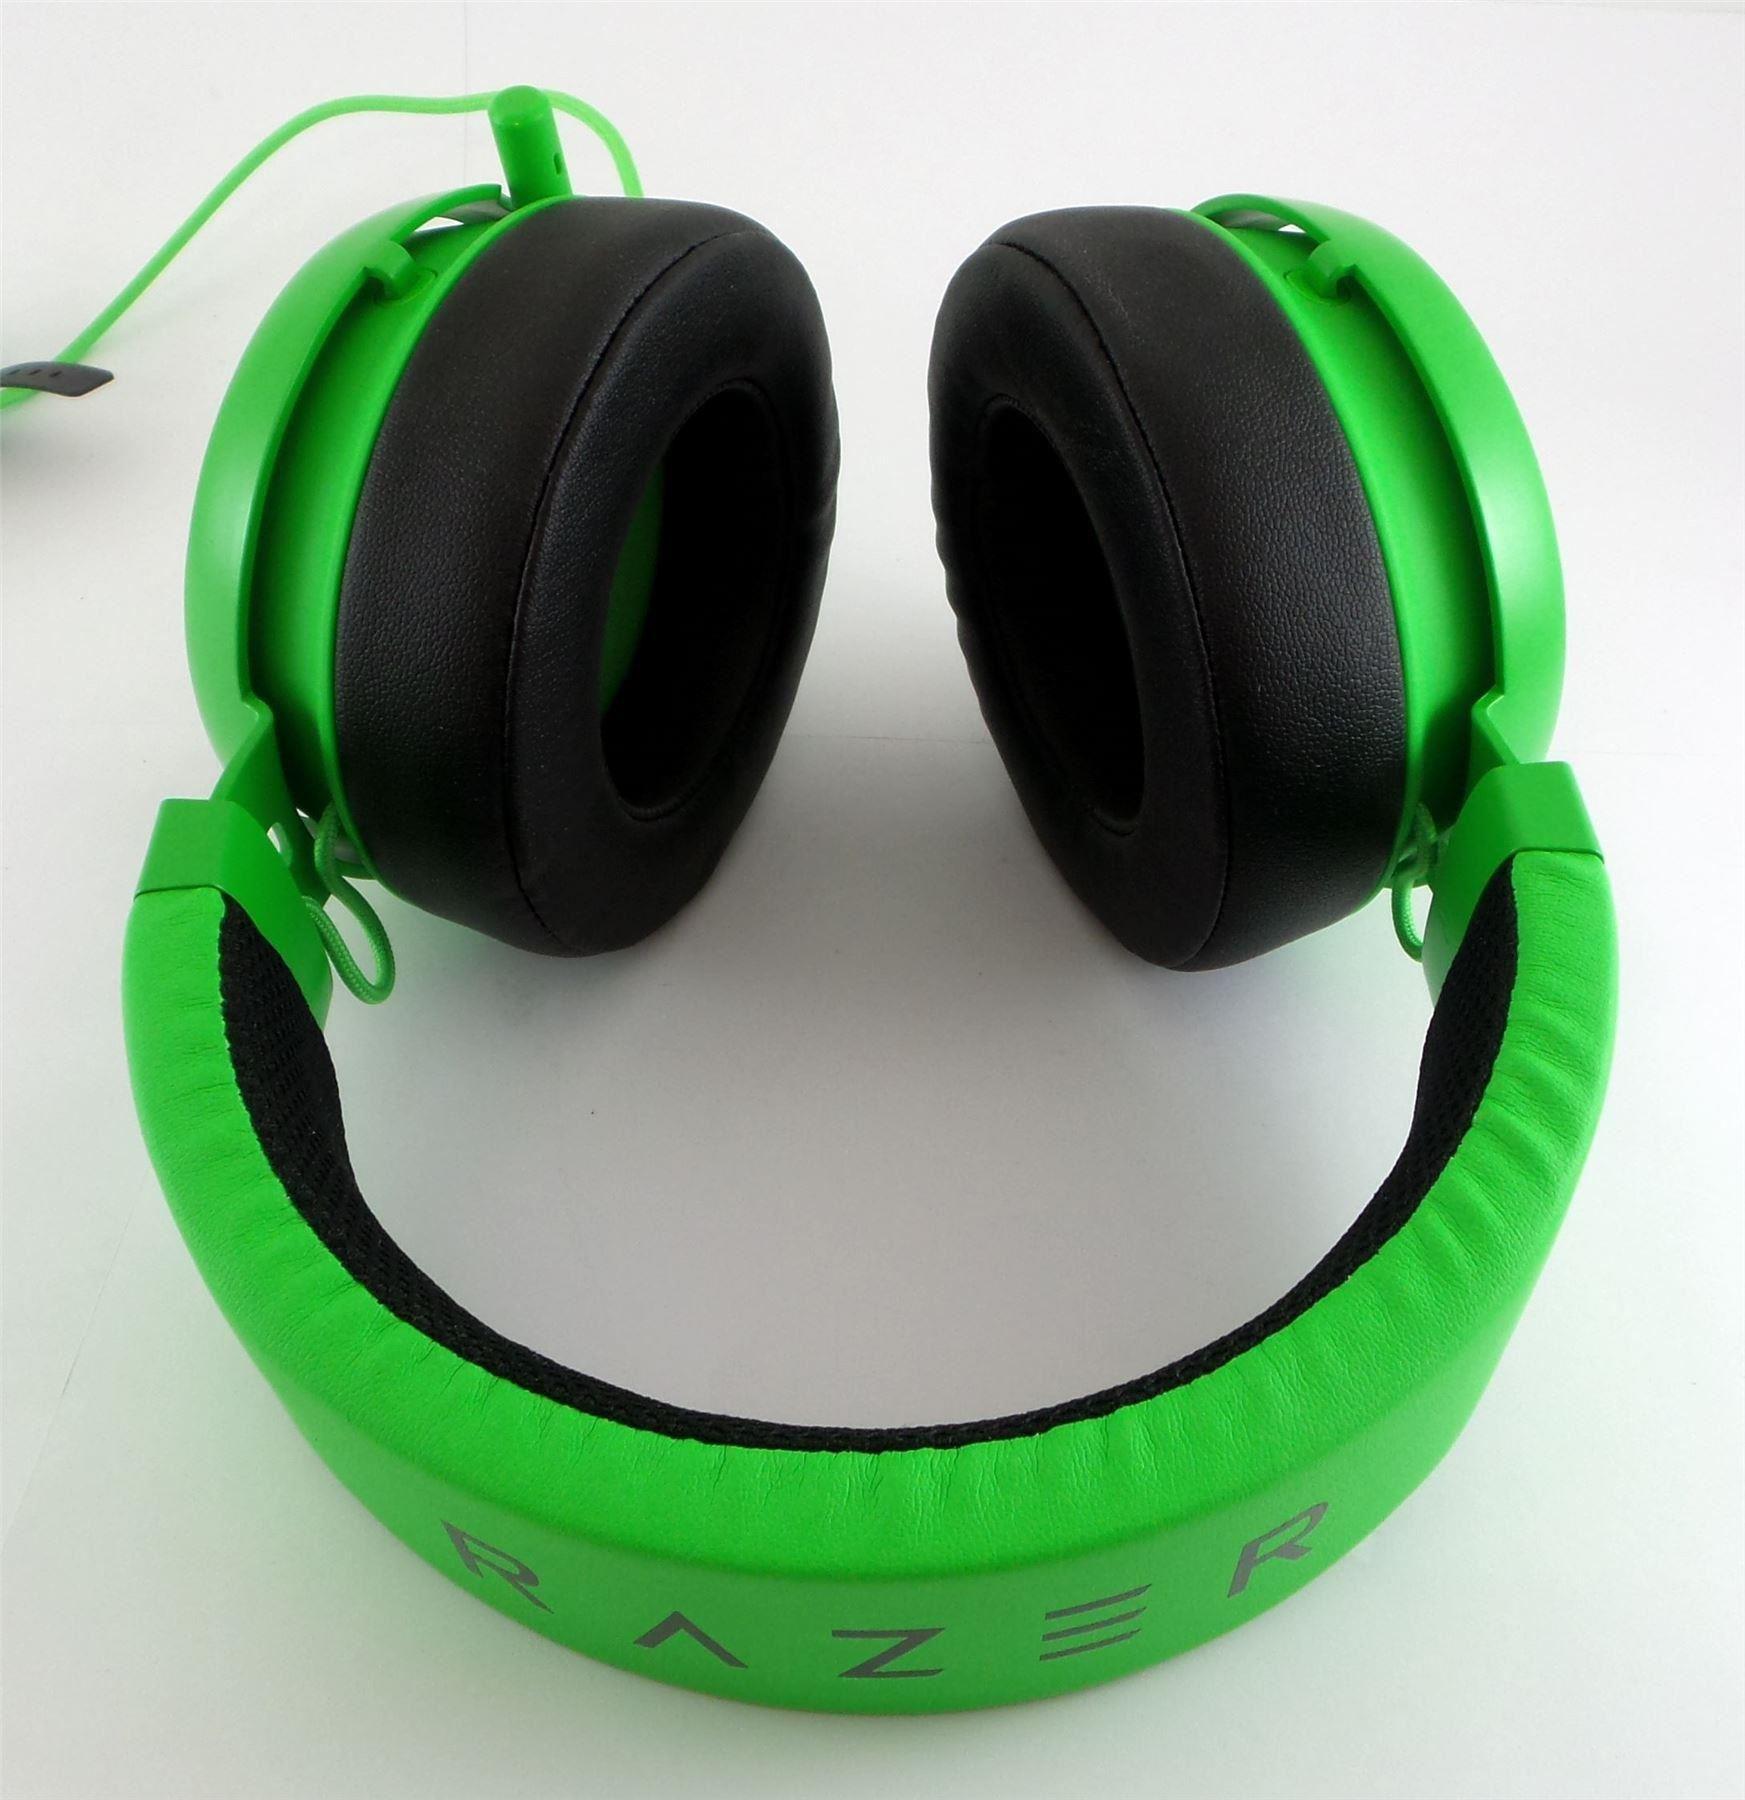 Razer Kraken Pro V2 Analog Gaming Headset Green 32 Ohms Rz04 Black 02050300 R See Desc